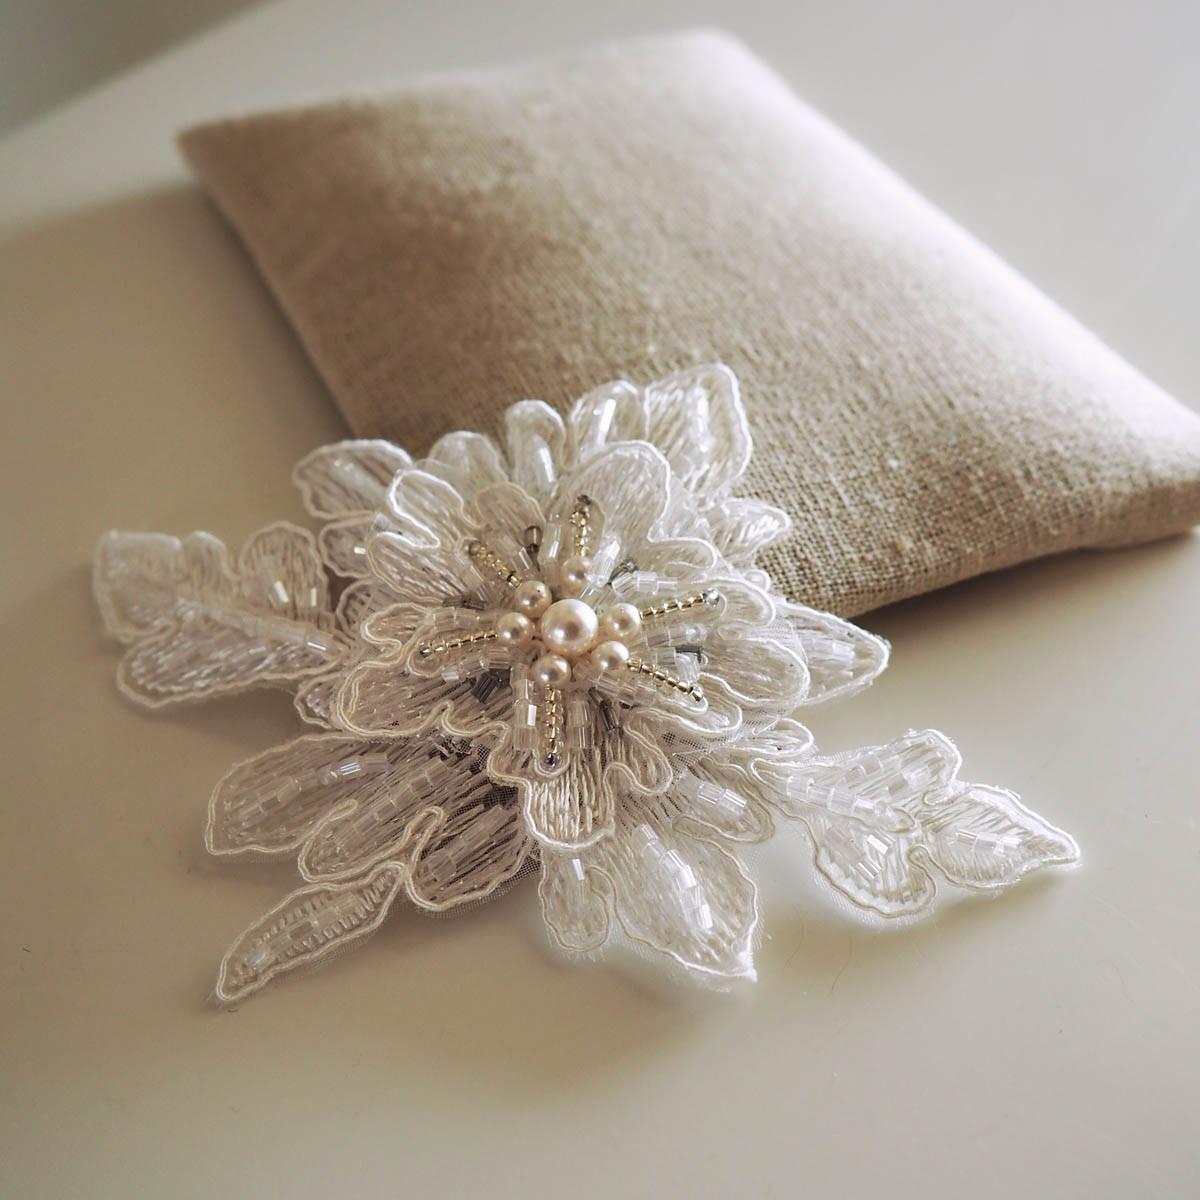 bijoux cheveux mariage paris phototh que cours de bijoux et enterrement vie jeune. Black Bedroom Furniture Sets. Home Design Ideas